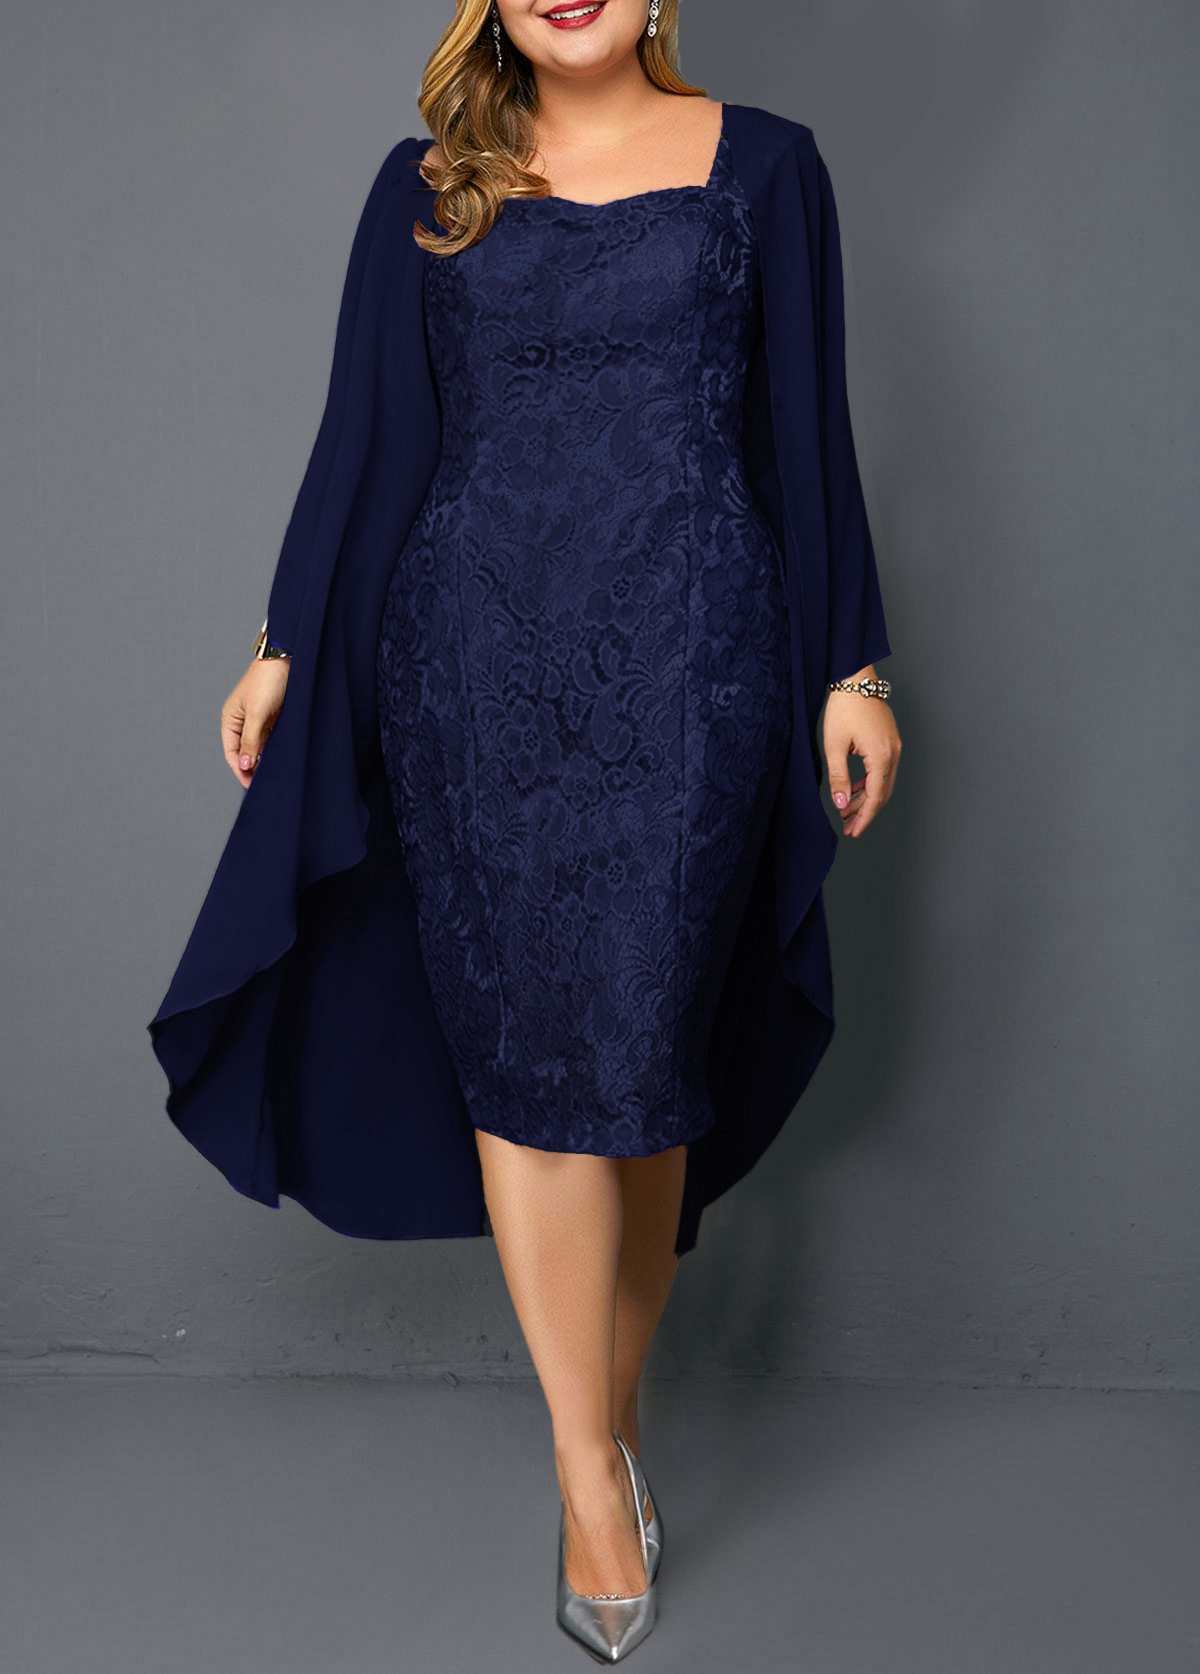 Plus Size Chiffon Cardigan And Navy Blue Lace Dress